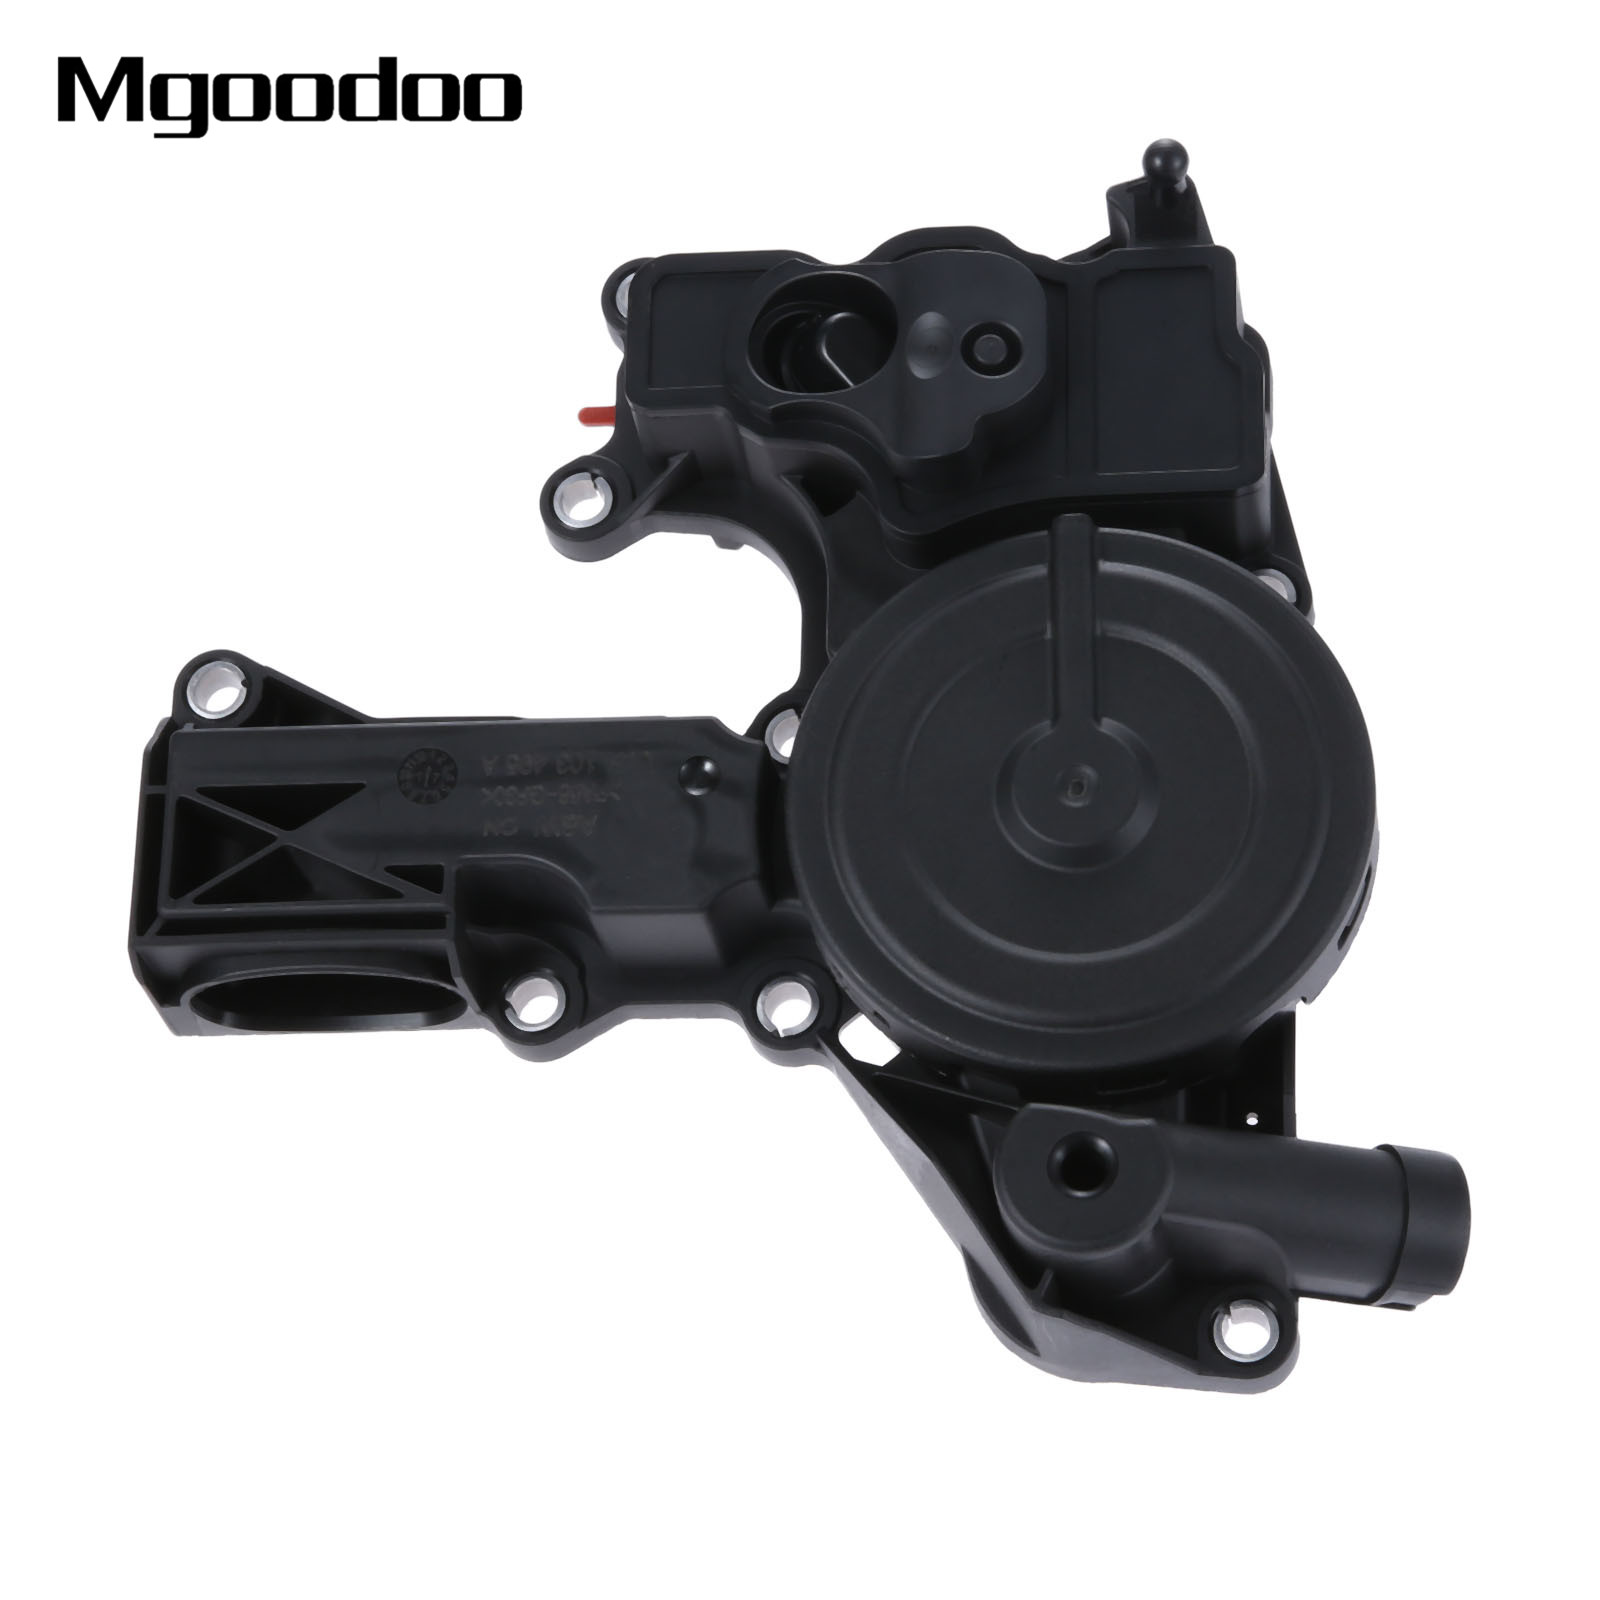 Nouveau séparateur d'huile noir PCV ensemble de soupape 06H103495 pour Audi A4 Q5 TT VW siège de Golf Skoda 2.0TSI 06H103495A 06 H 103 495 A